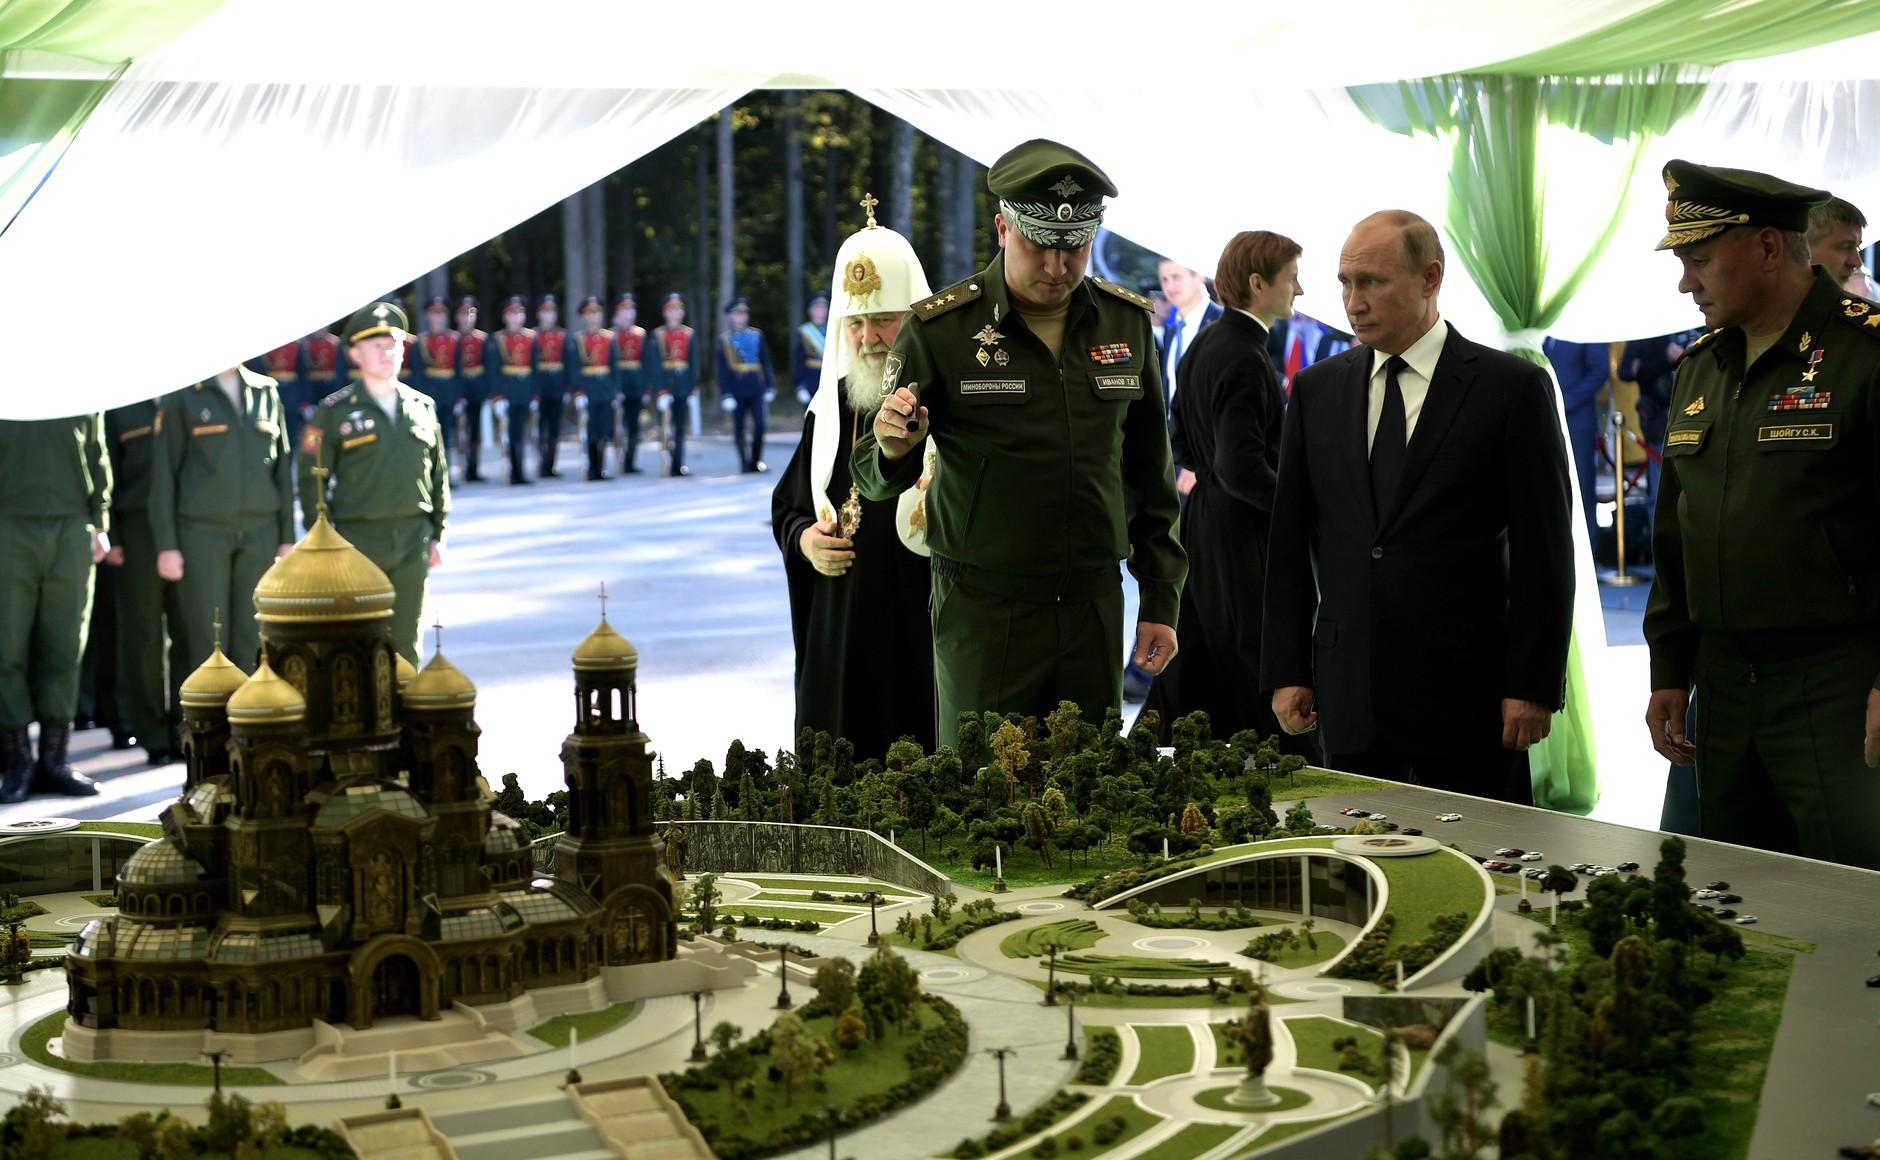 Парк жуликов и воров. Как пилят на парке «Патриот» и при чем тут повар Путина, дочь Шойгу и сын Ротенберга